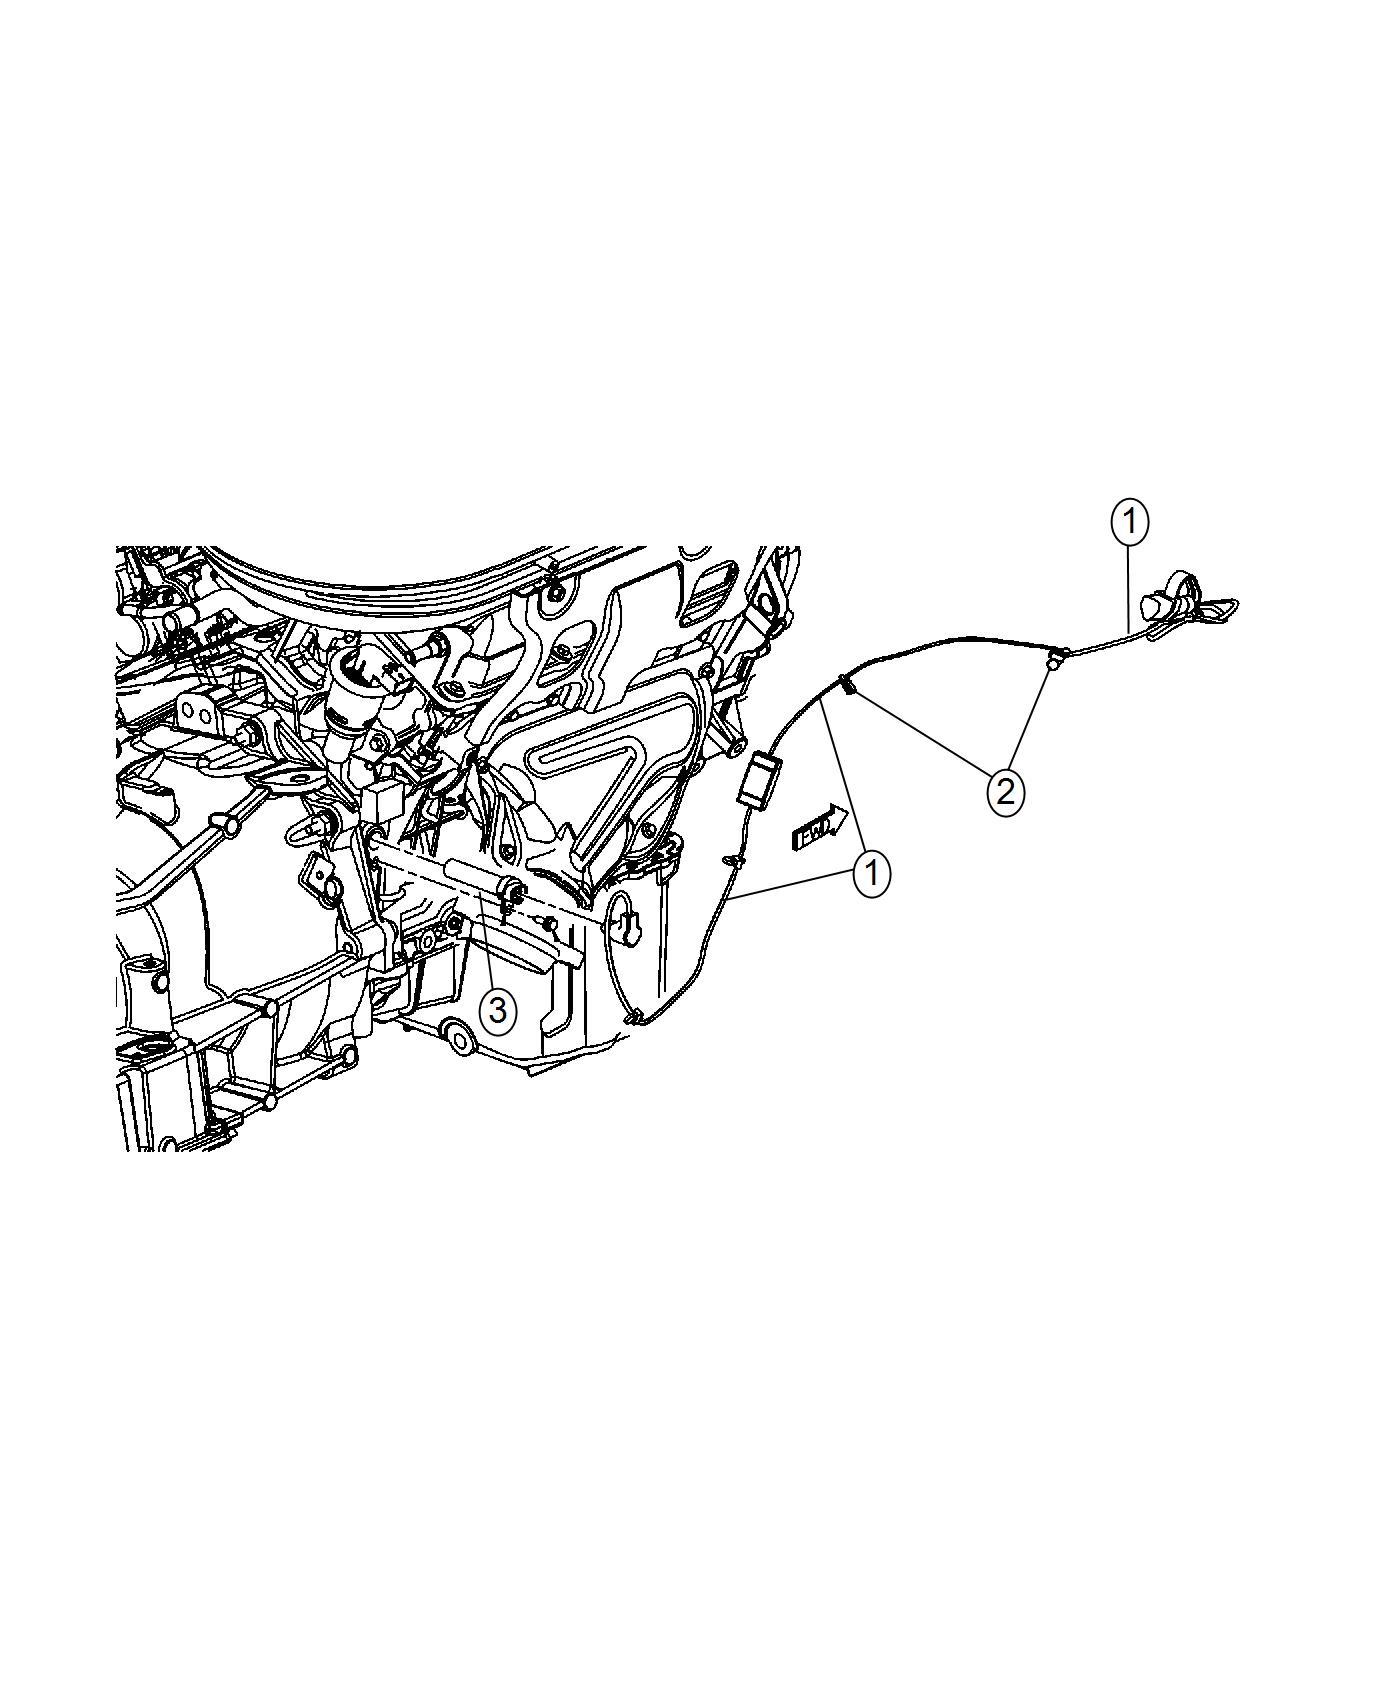 2017 Ram 3500 Heater. Engine. Block, diesel, cylinder